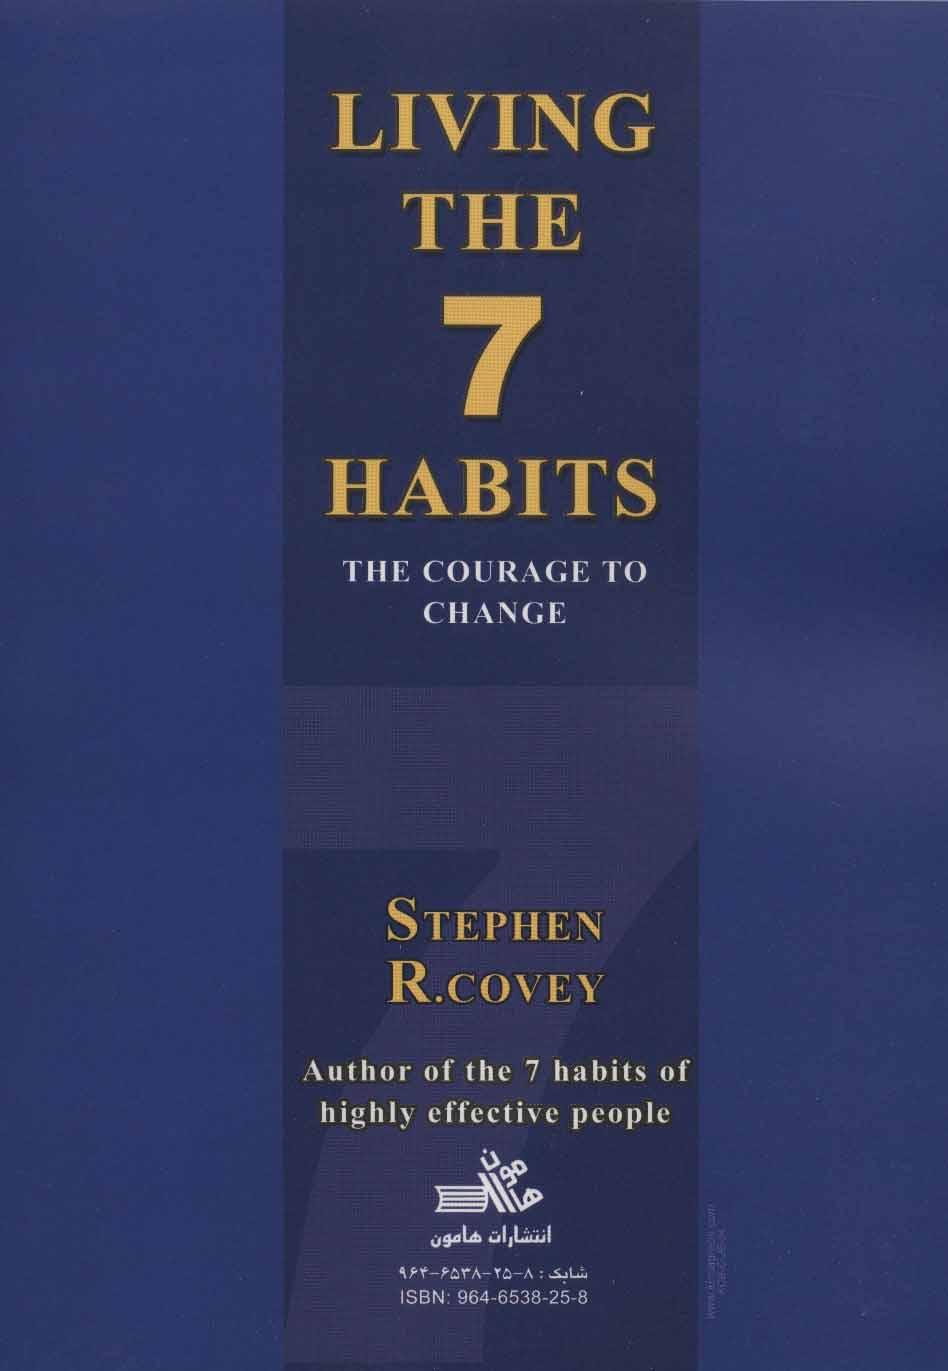 زندگی با هفت عادت شهامت دگرگونی